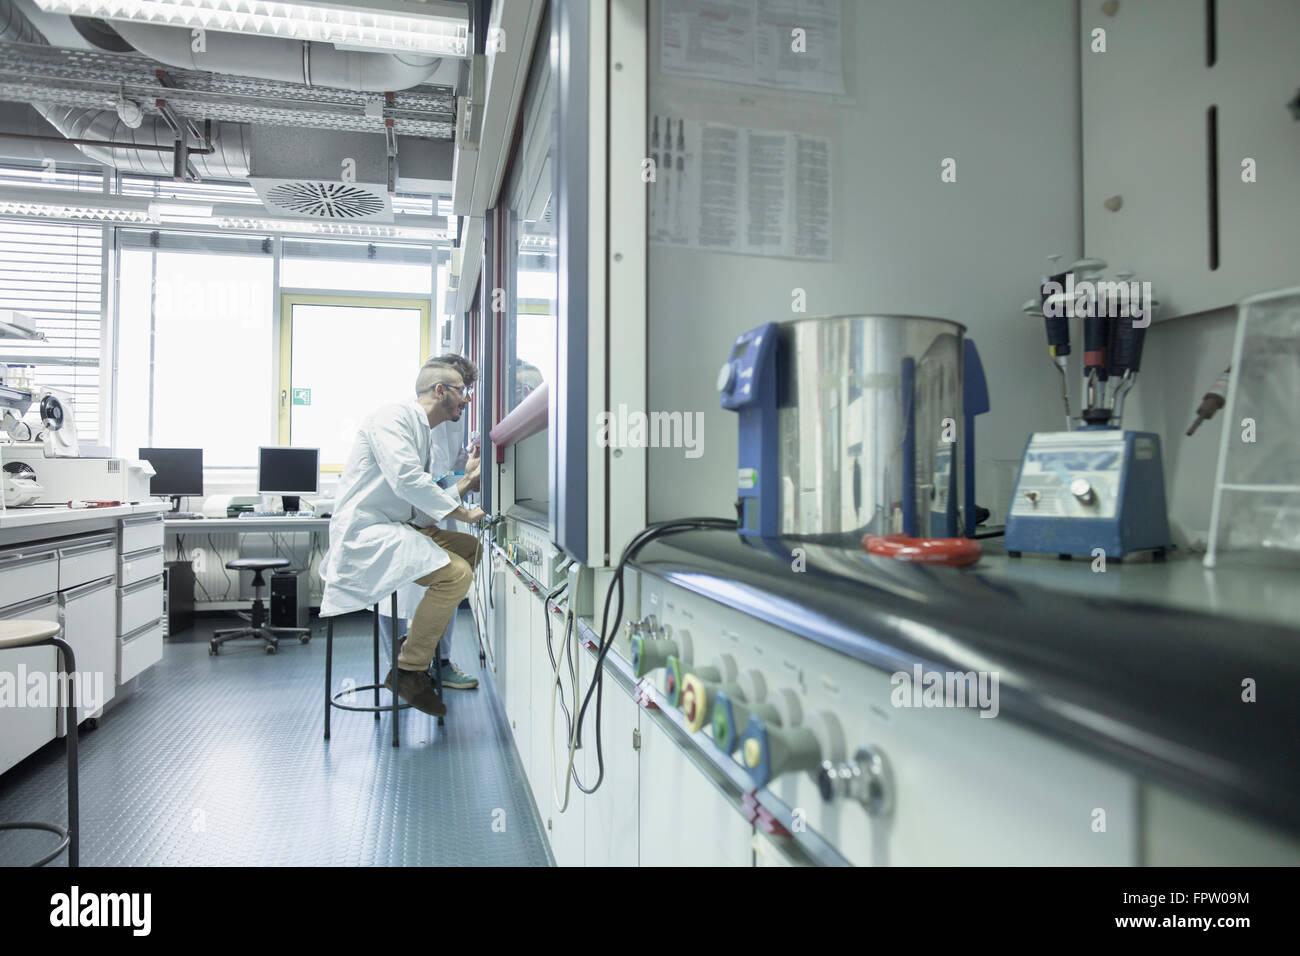 Two scientist working in a pharmacy laboratory, Freiburg Im Breisgau, Baden-Württemberg, Germany - Stock Image